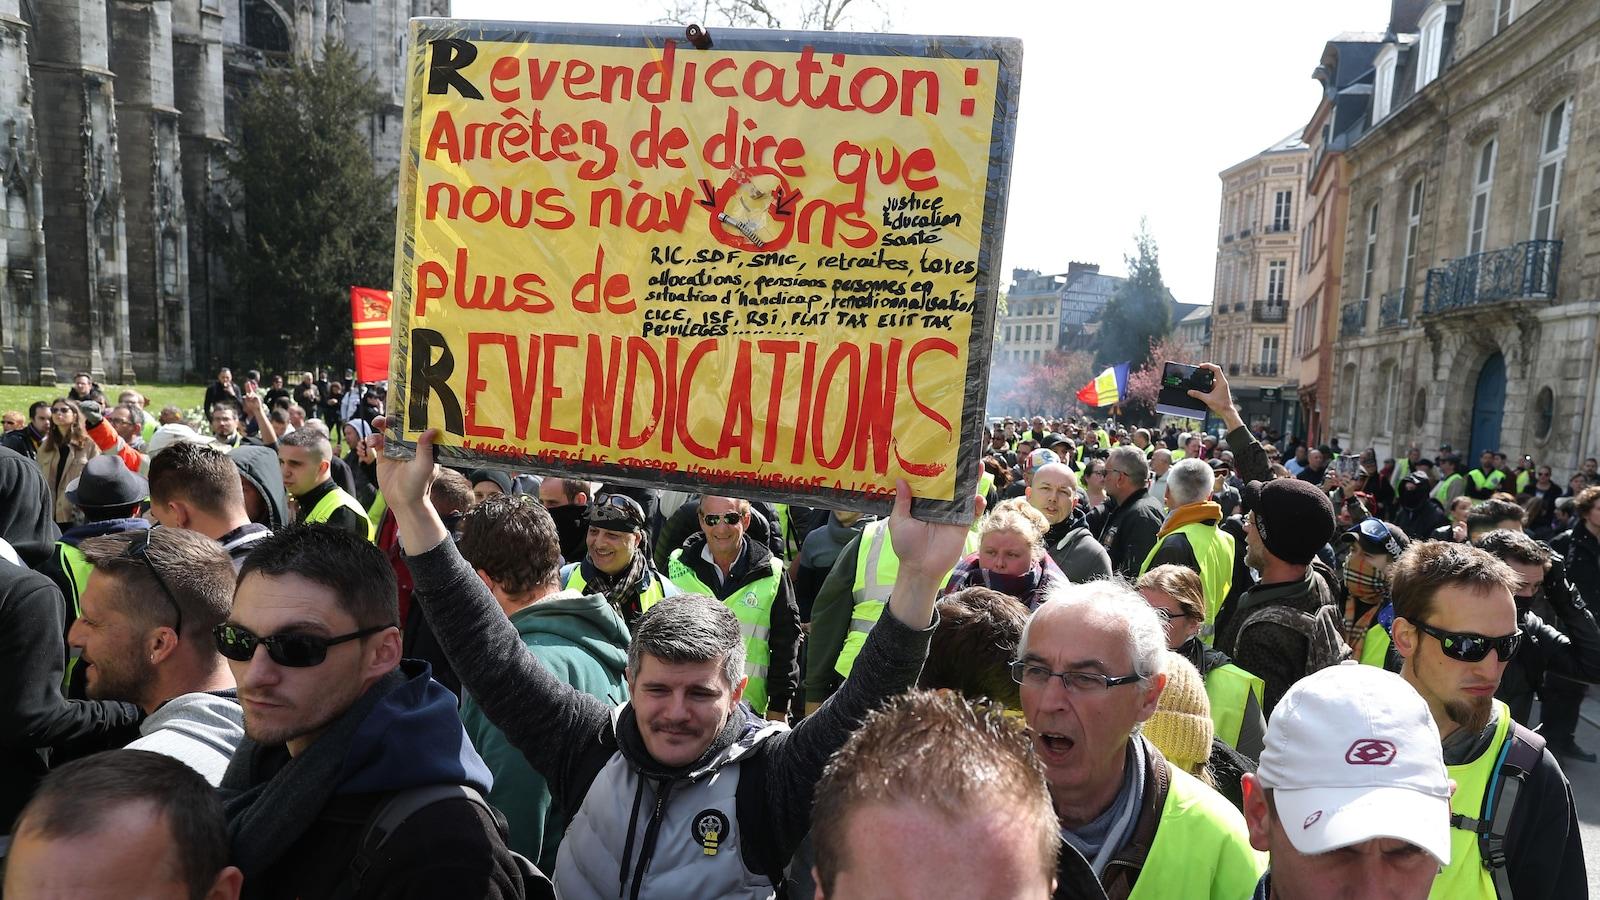 Une foule de manifestants, dont un tient une pancarte.